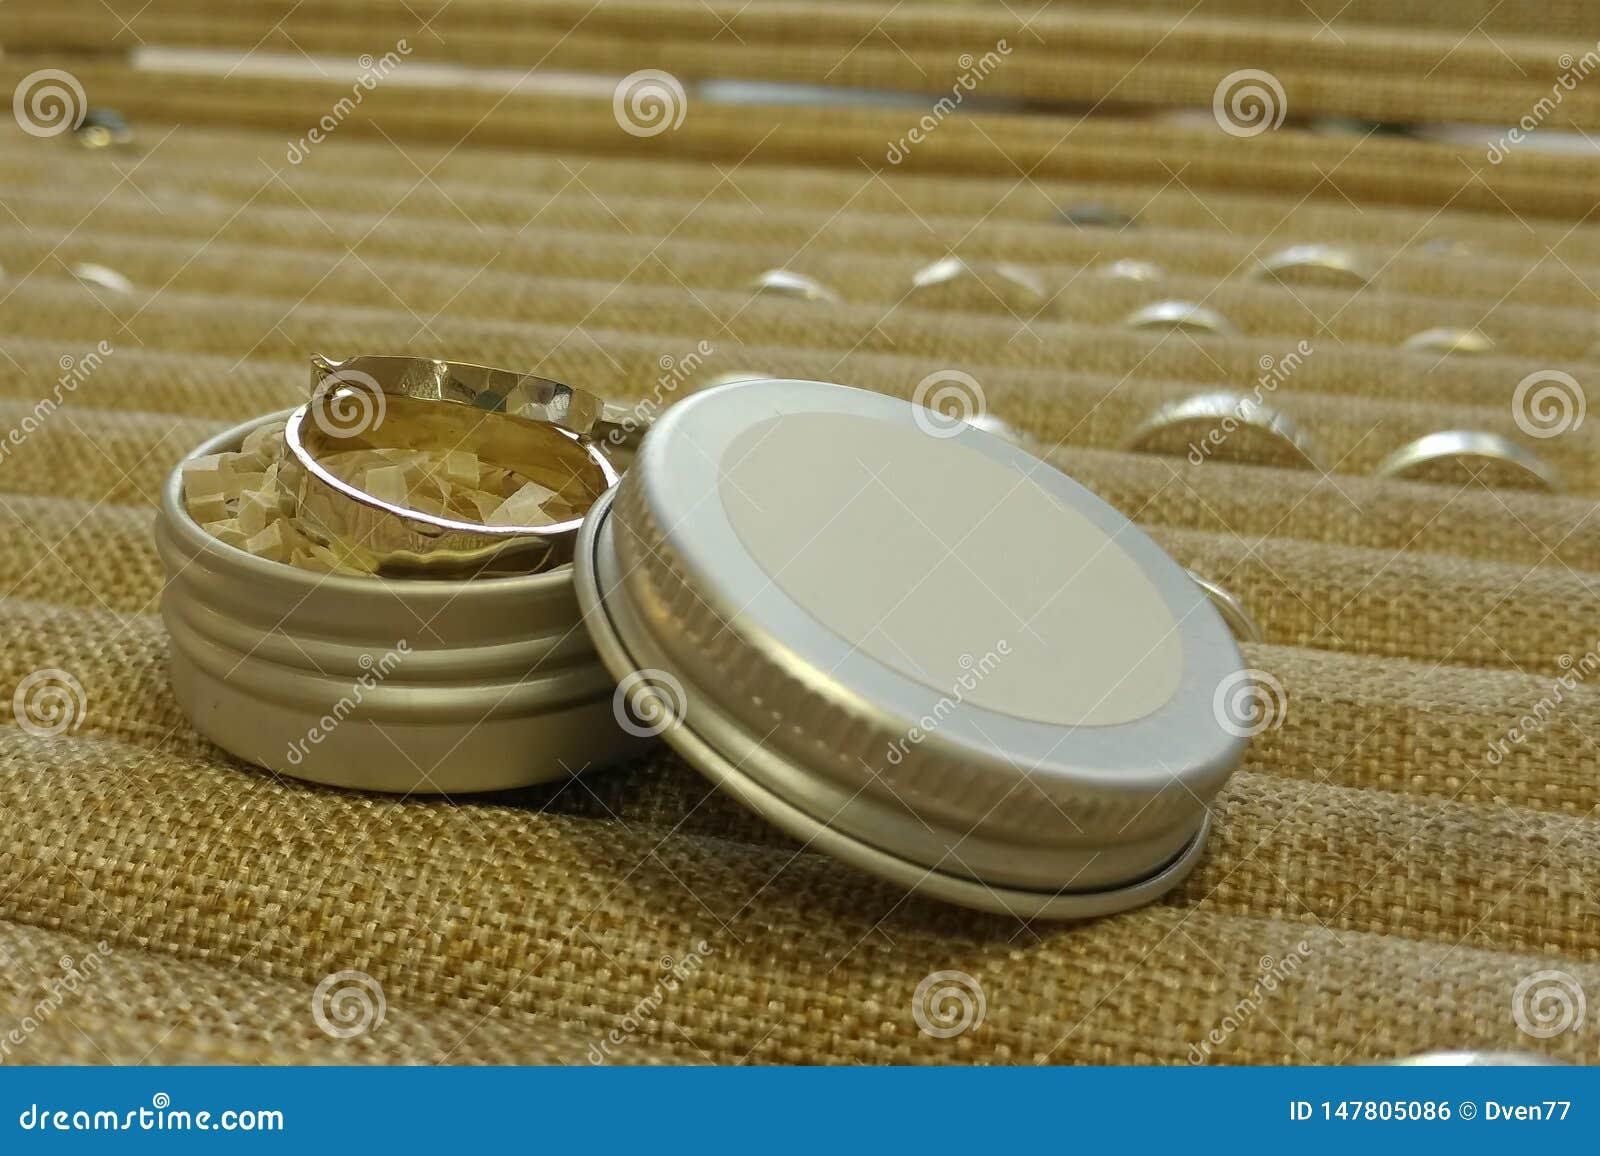 Twee ringen van witgoud zijn in een ronde metaaldoos Tegen de achtergrond van pallets van andere juwelen